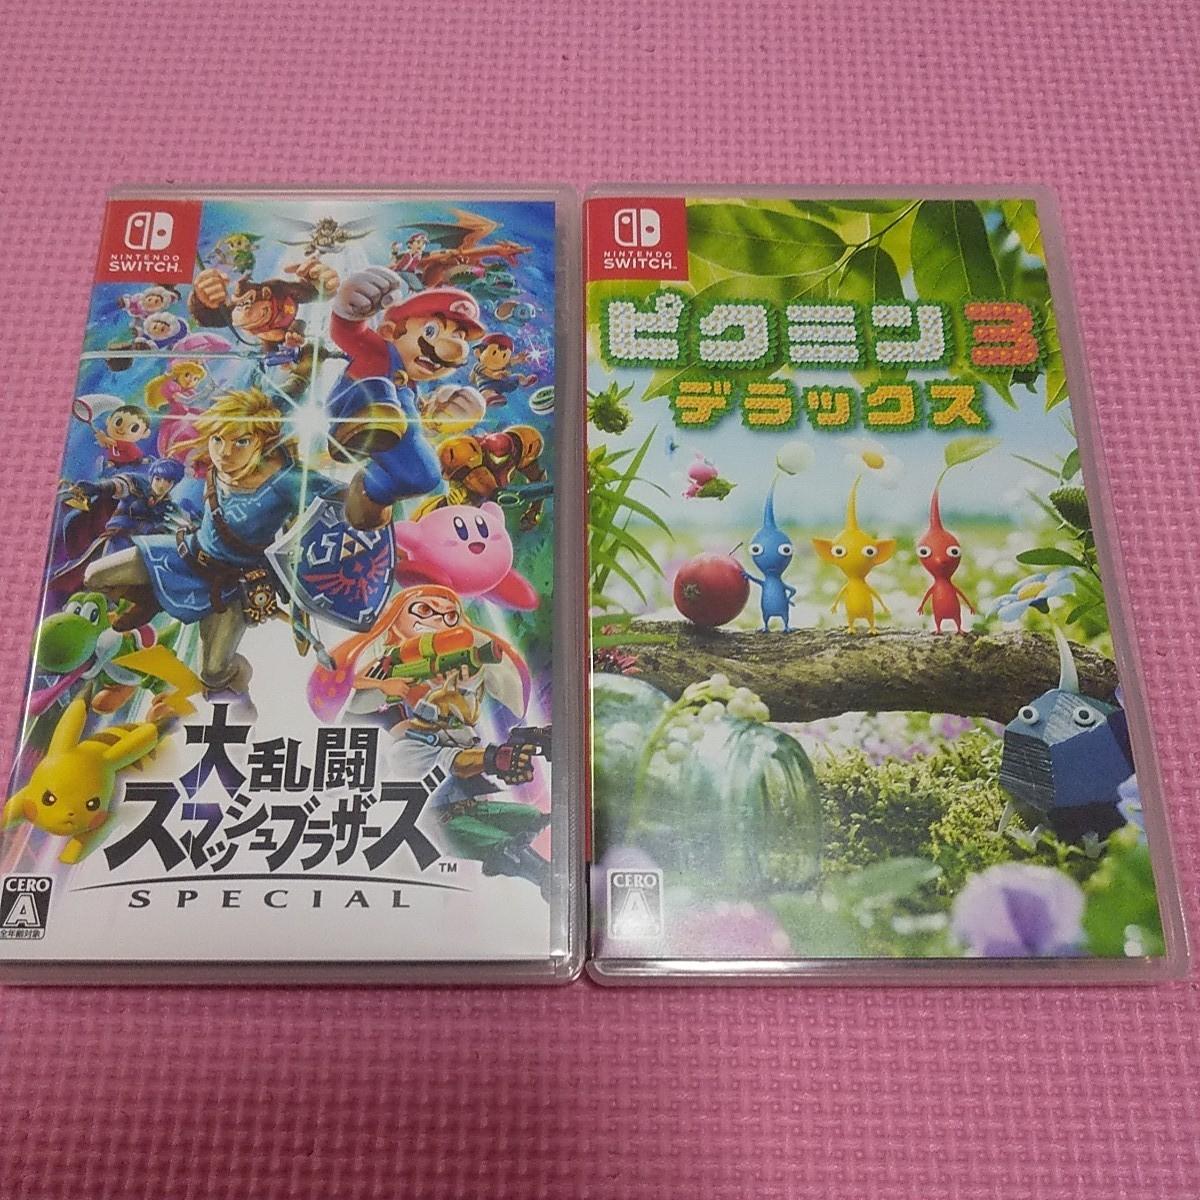 Nintendo Switch 大乱闘スマッシュブラザーズSPECIAL ピクミン3デラックス  ピクミン3DX スマブラ